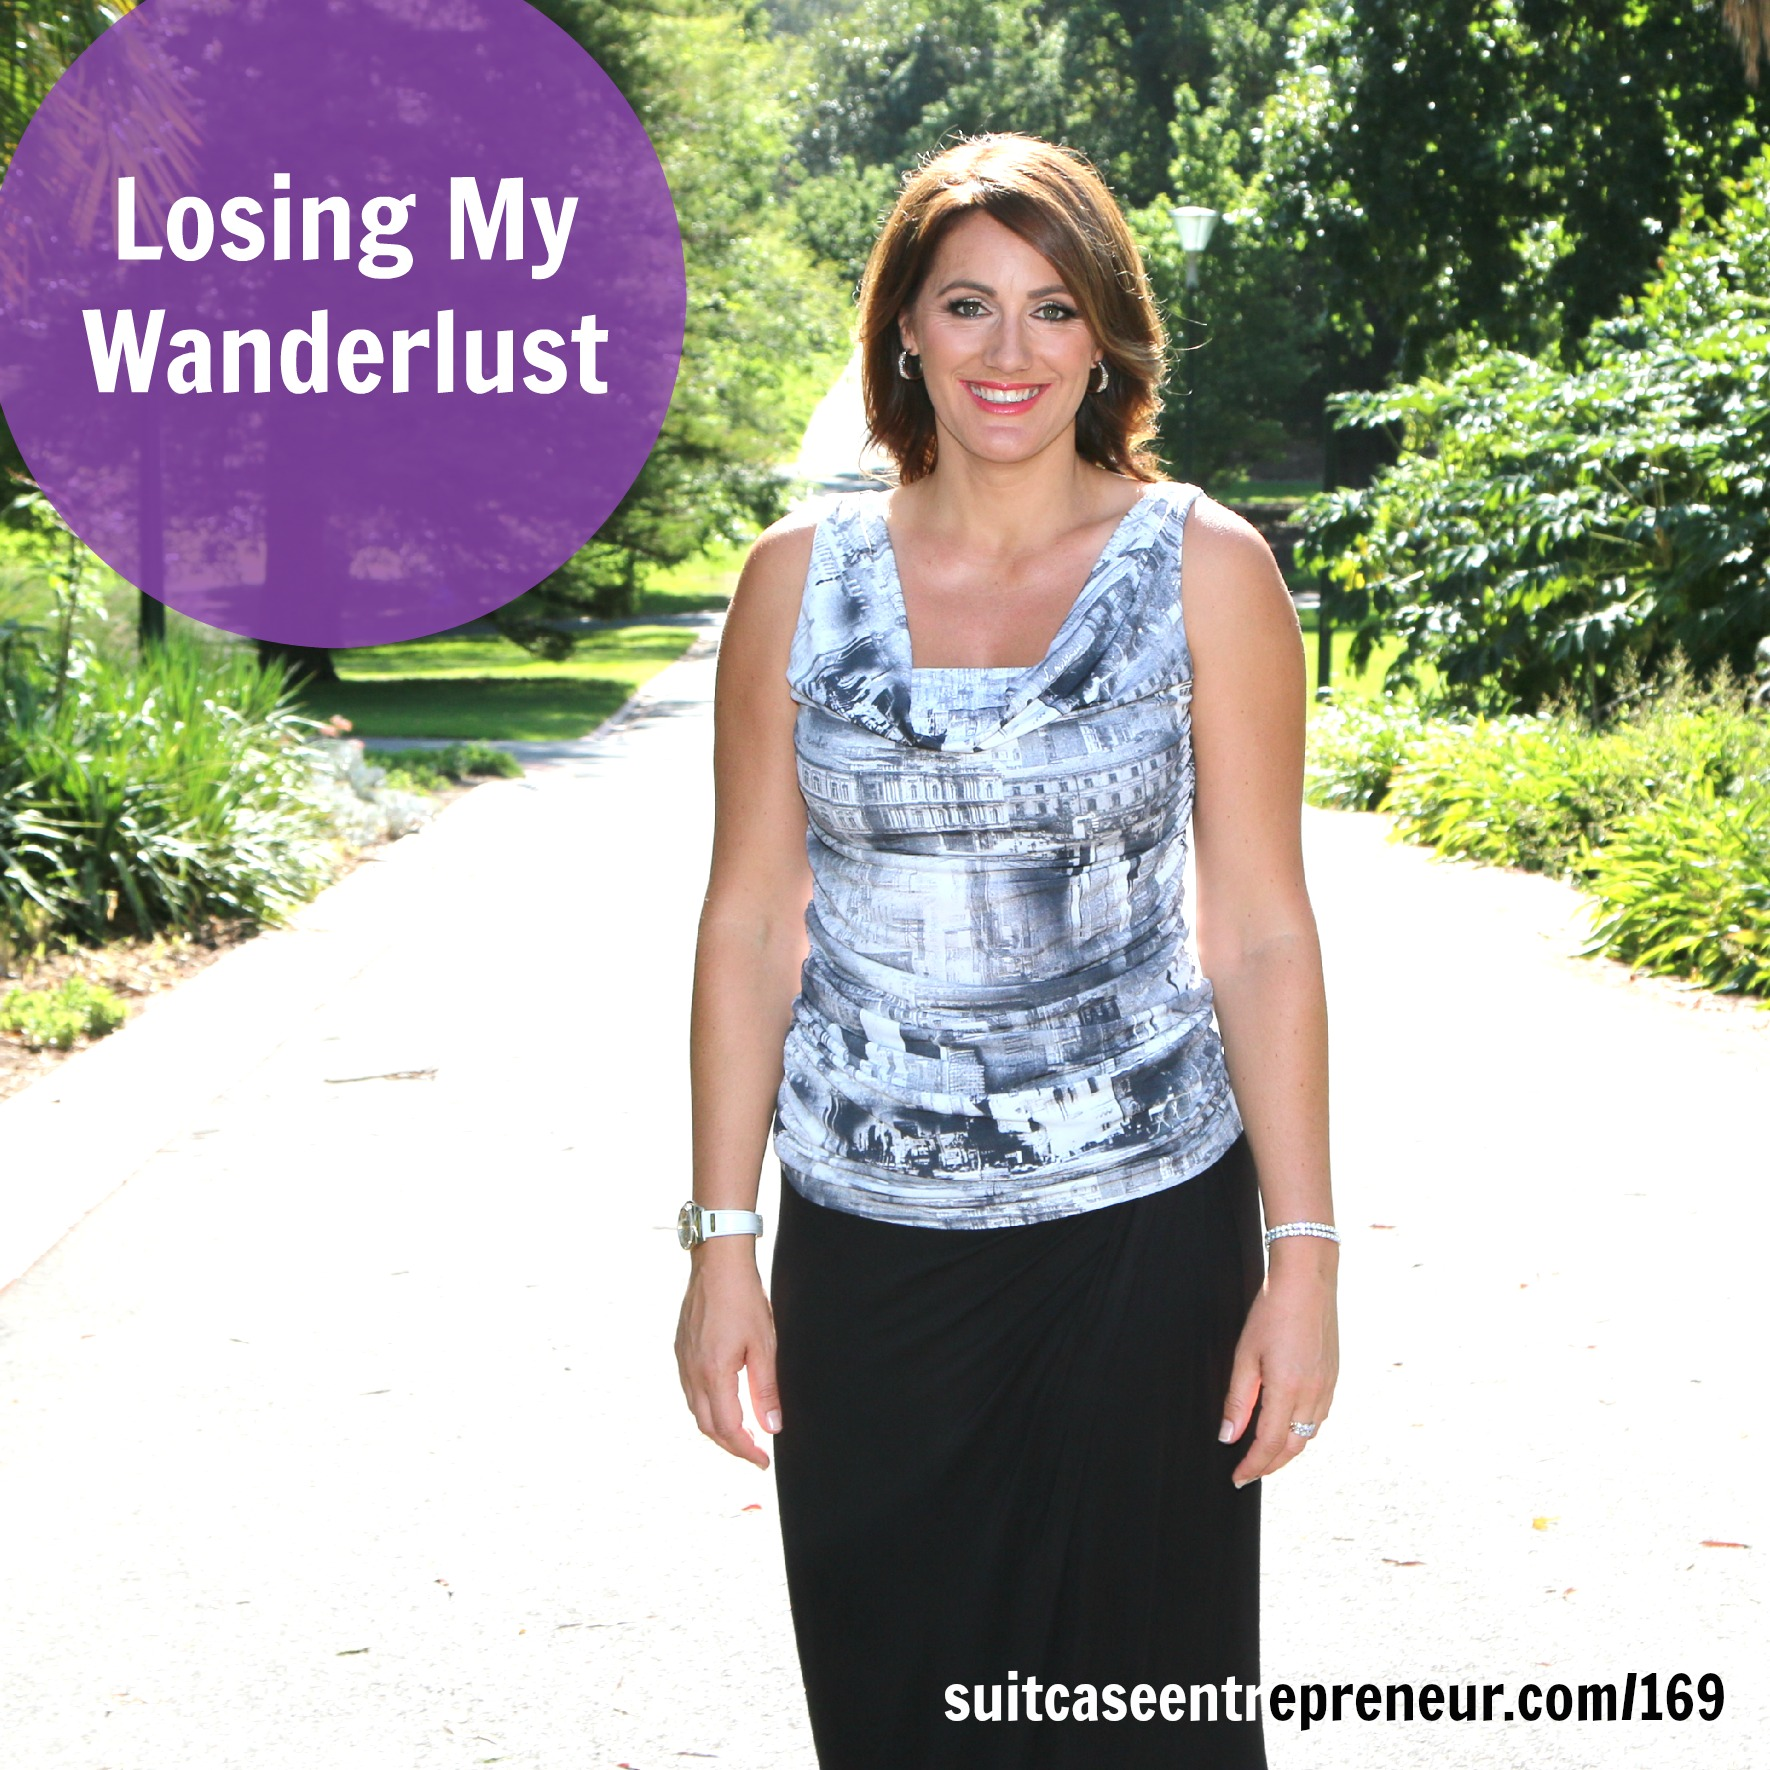 [169] Losing My Wanderlust